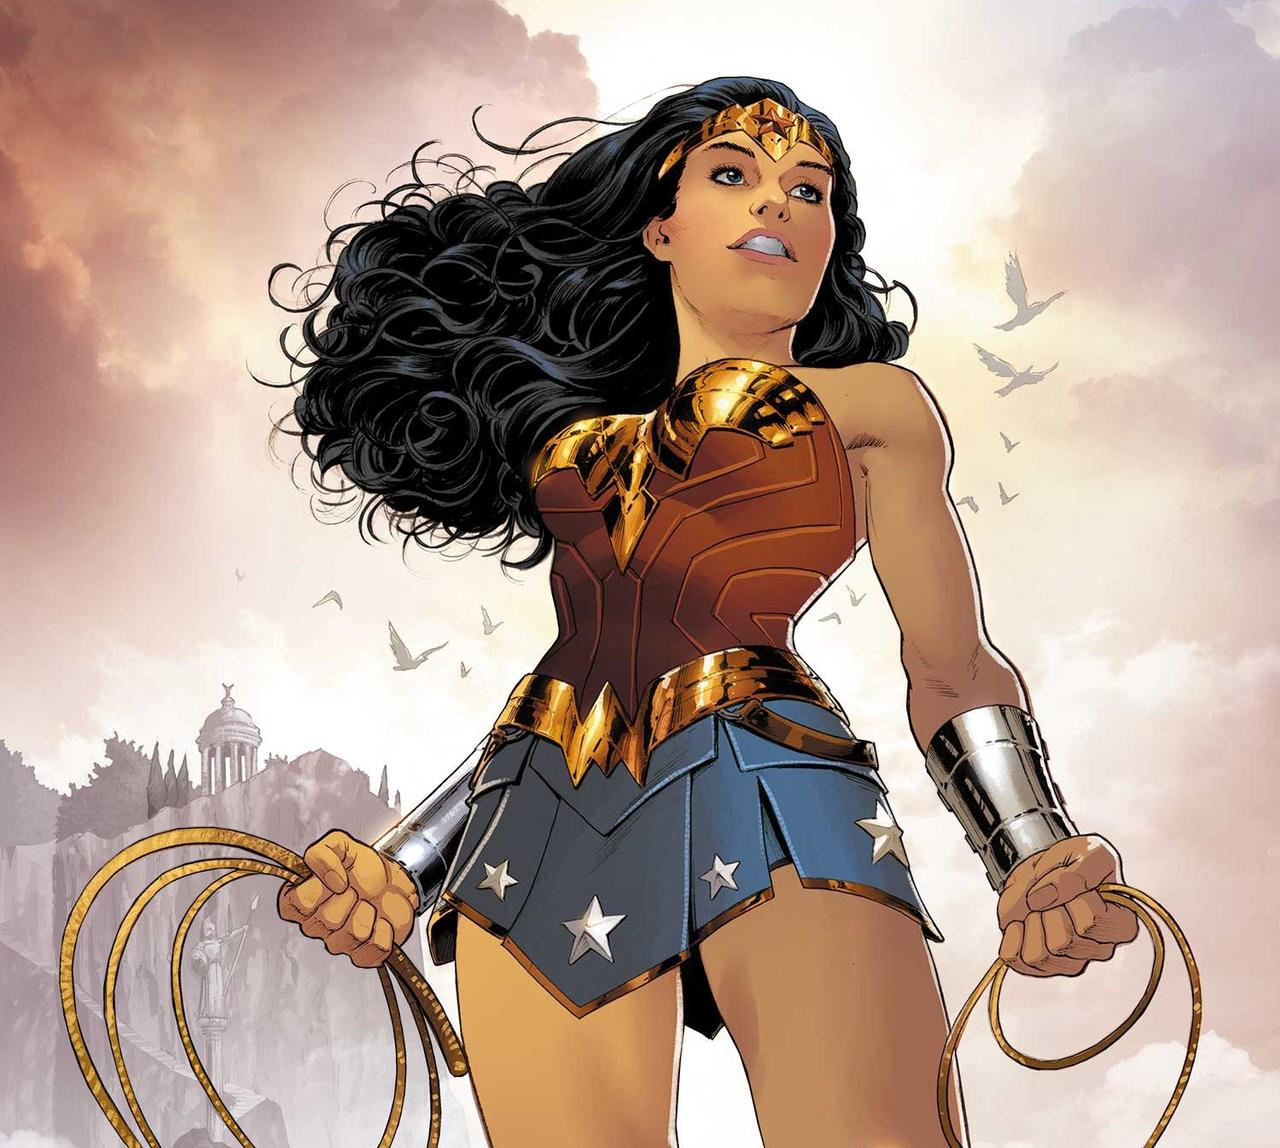 Wonder Woman, the queen of DC Comics